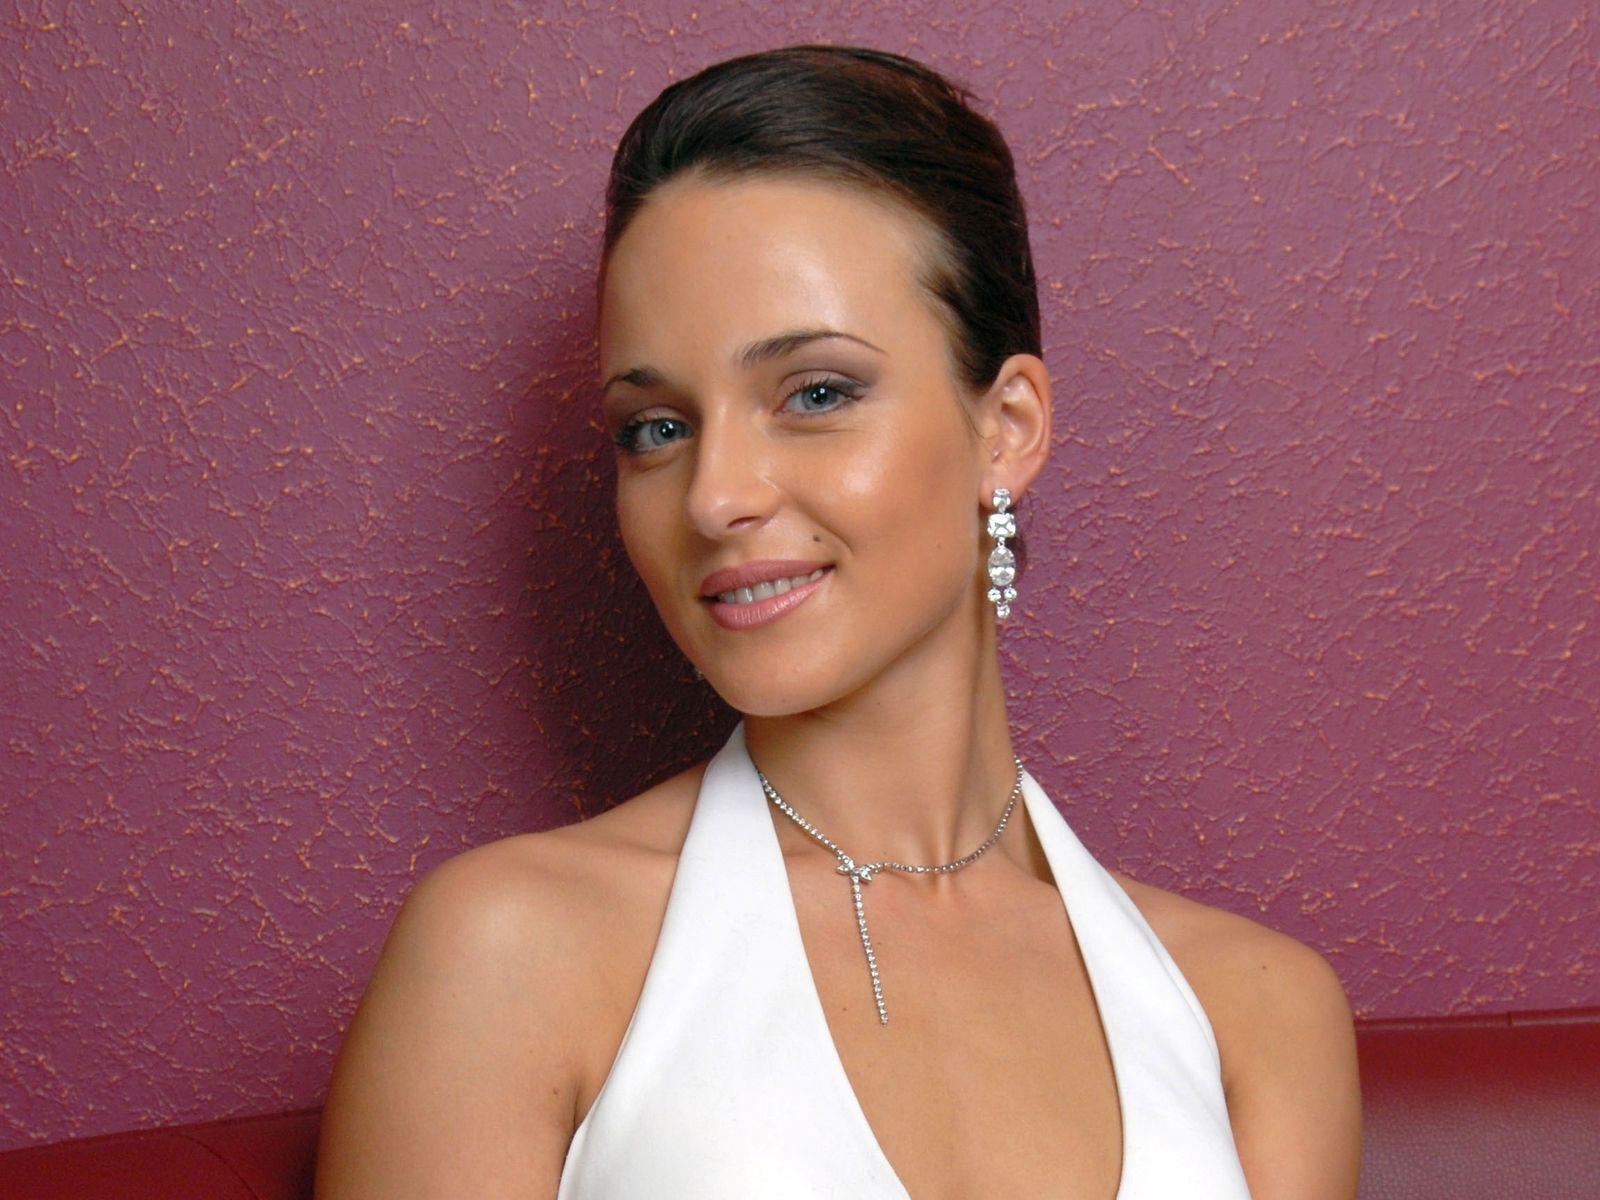 Анна Снаткина попробовала себя в роли модели